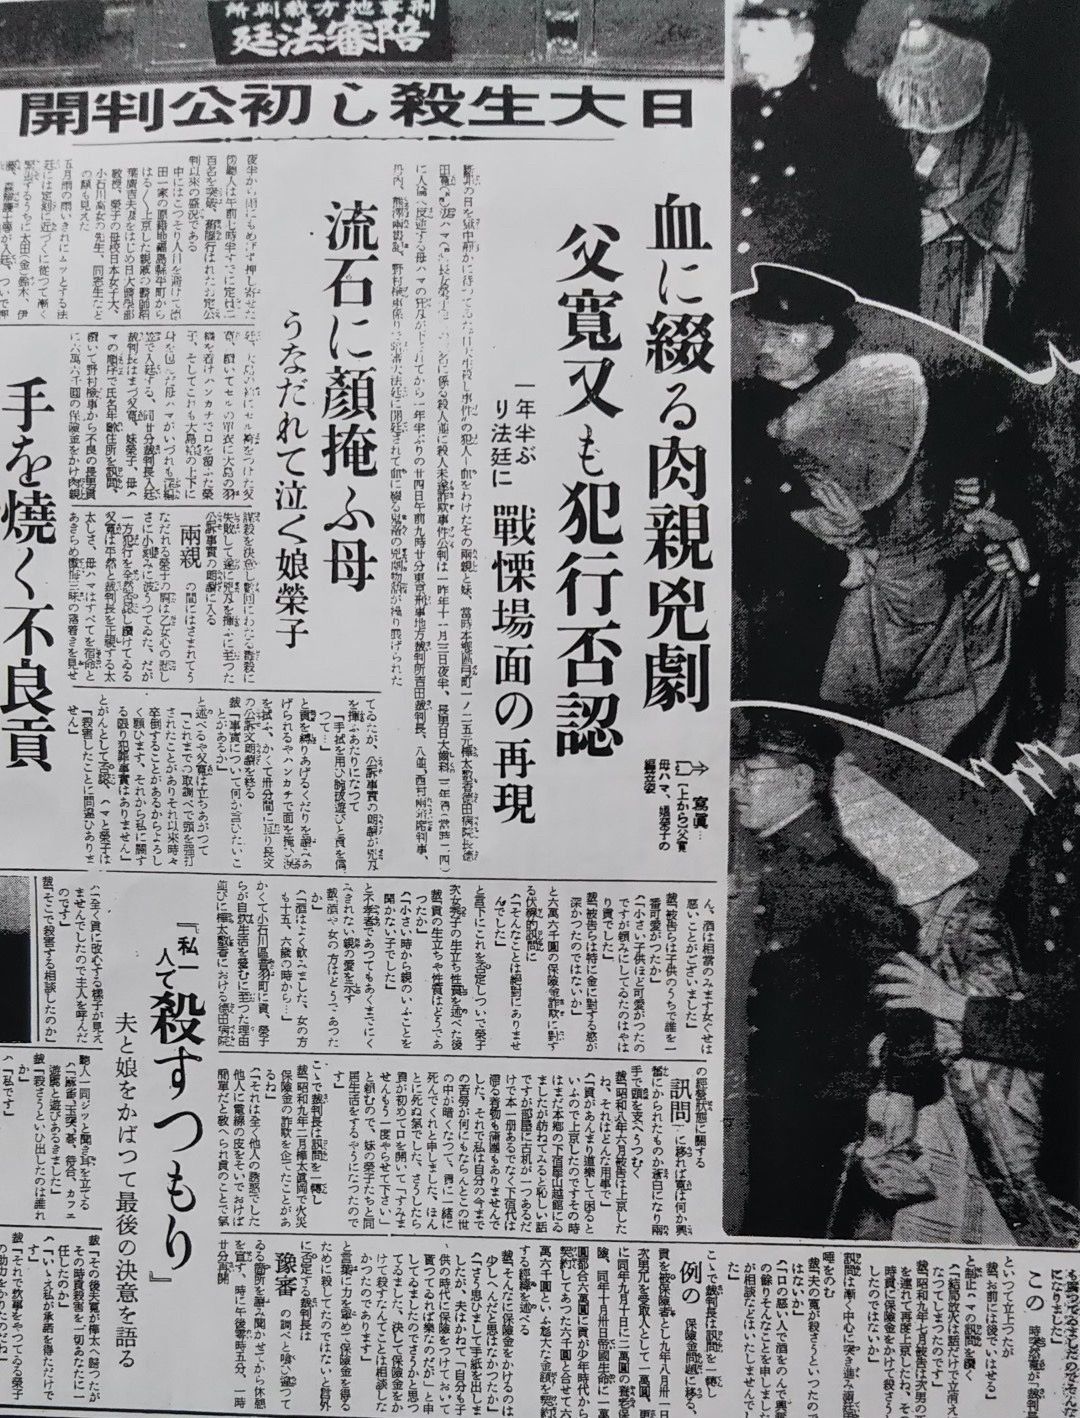 殺人 浜松 事件 連続